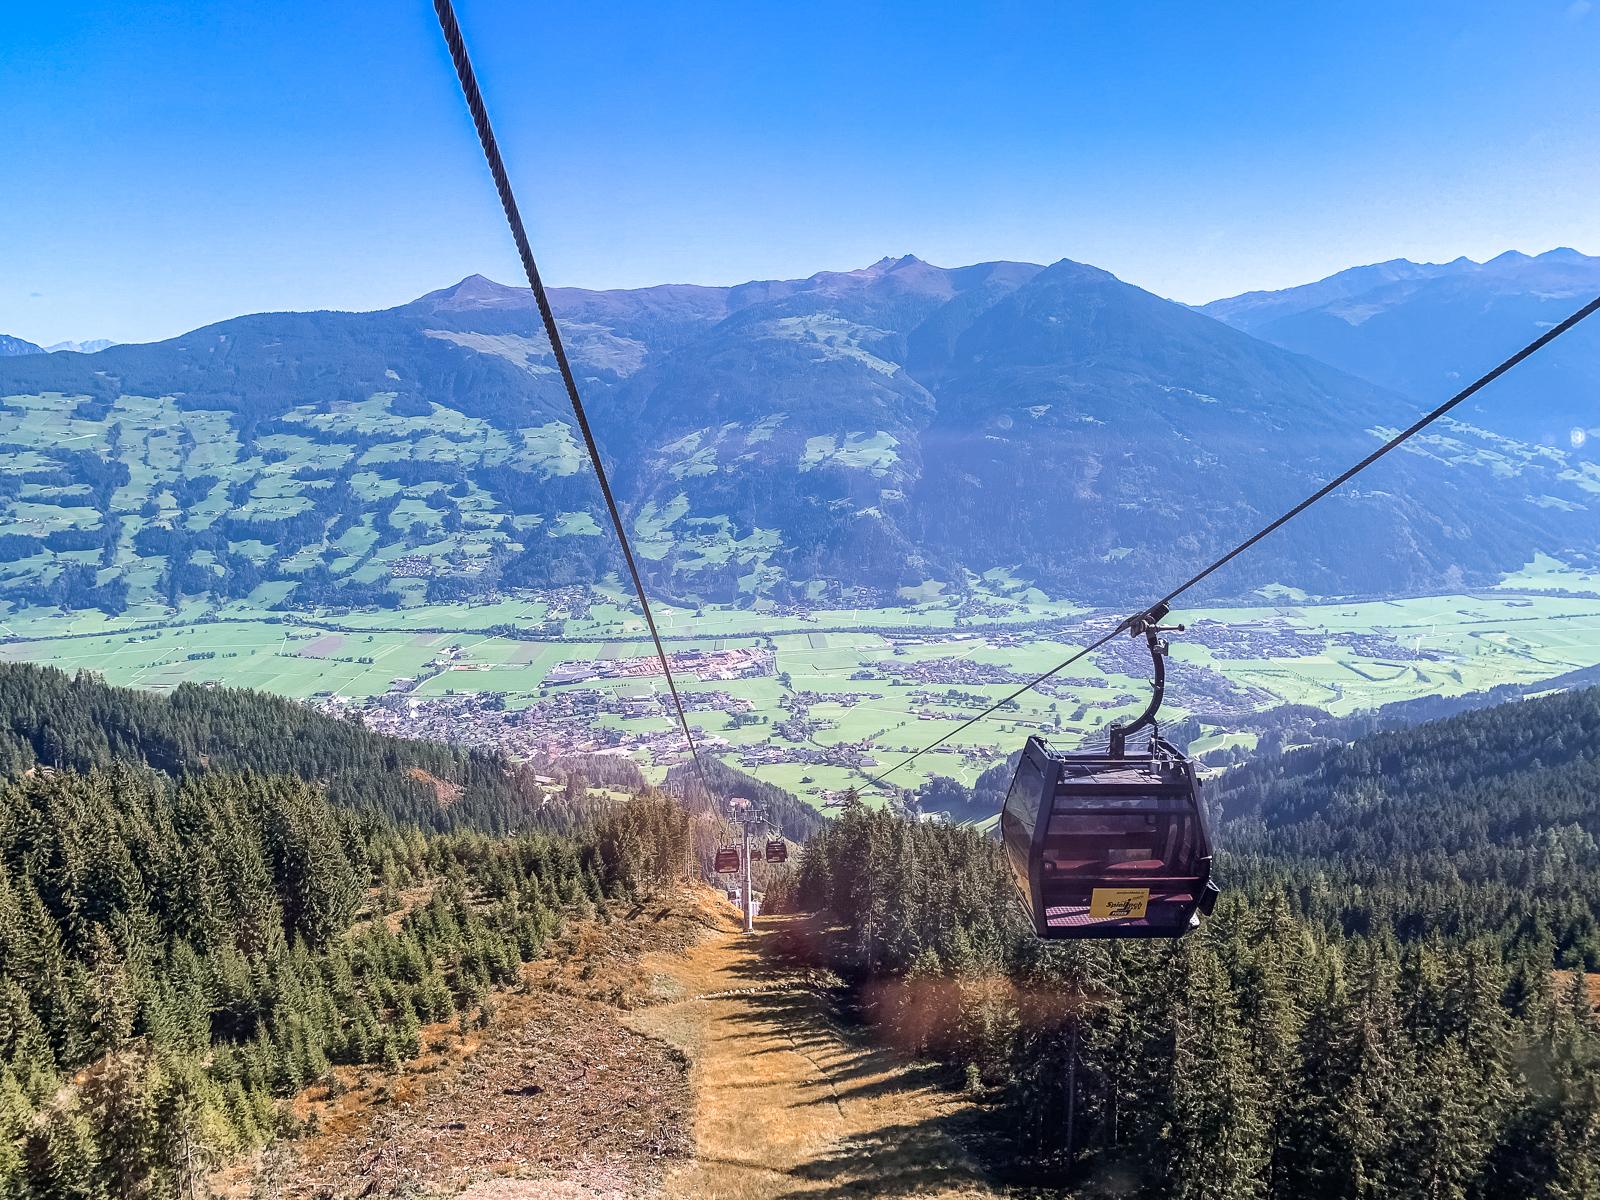 Wandern im Zillertal in Tirol - Wandern in den Bergen - Wanderwege in Tirol - Spieljoch - Wanderung am Spieljoch - Ausblick auf vom Spieljoch - Spieljoch Bahn - Reisen - Österreich erkunden - Fashionladyloves by Tamara Wagner - Reiseblog - Travelblog